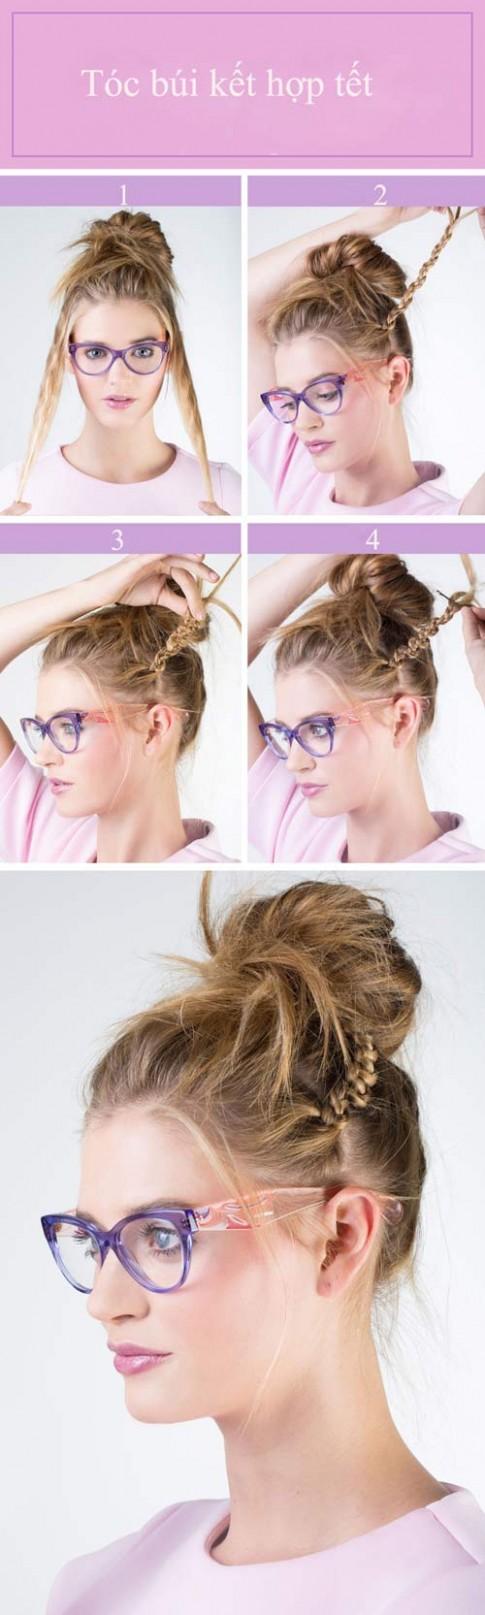 Cách biến tấu 2 kiểu tóc hot nhất cho hè này